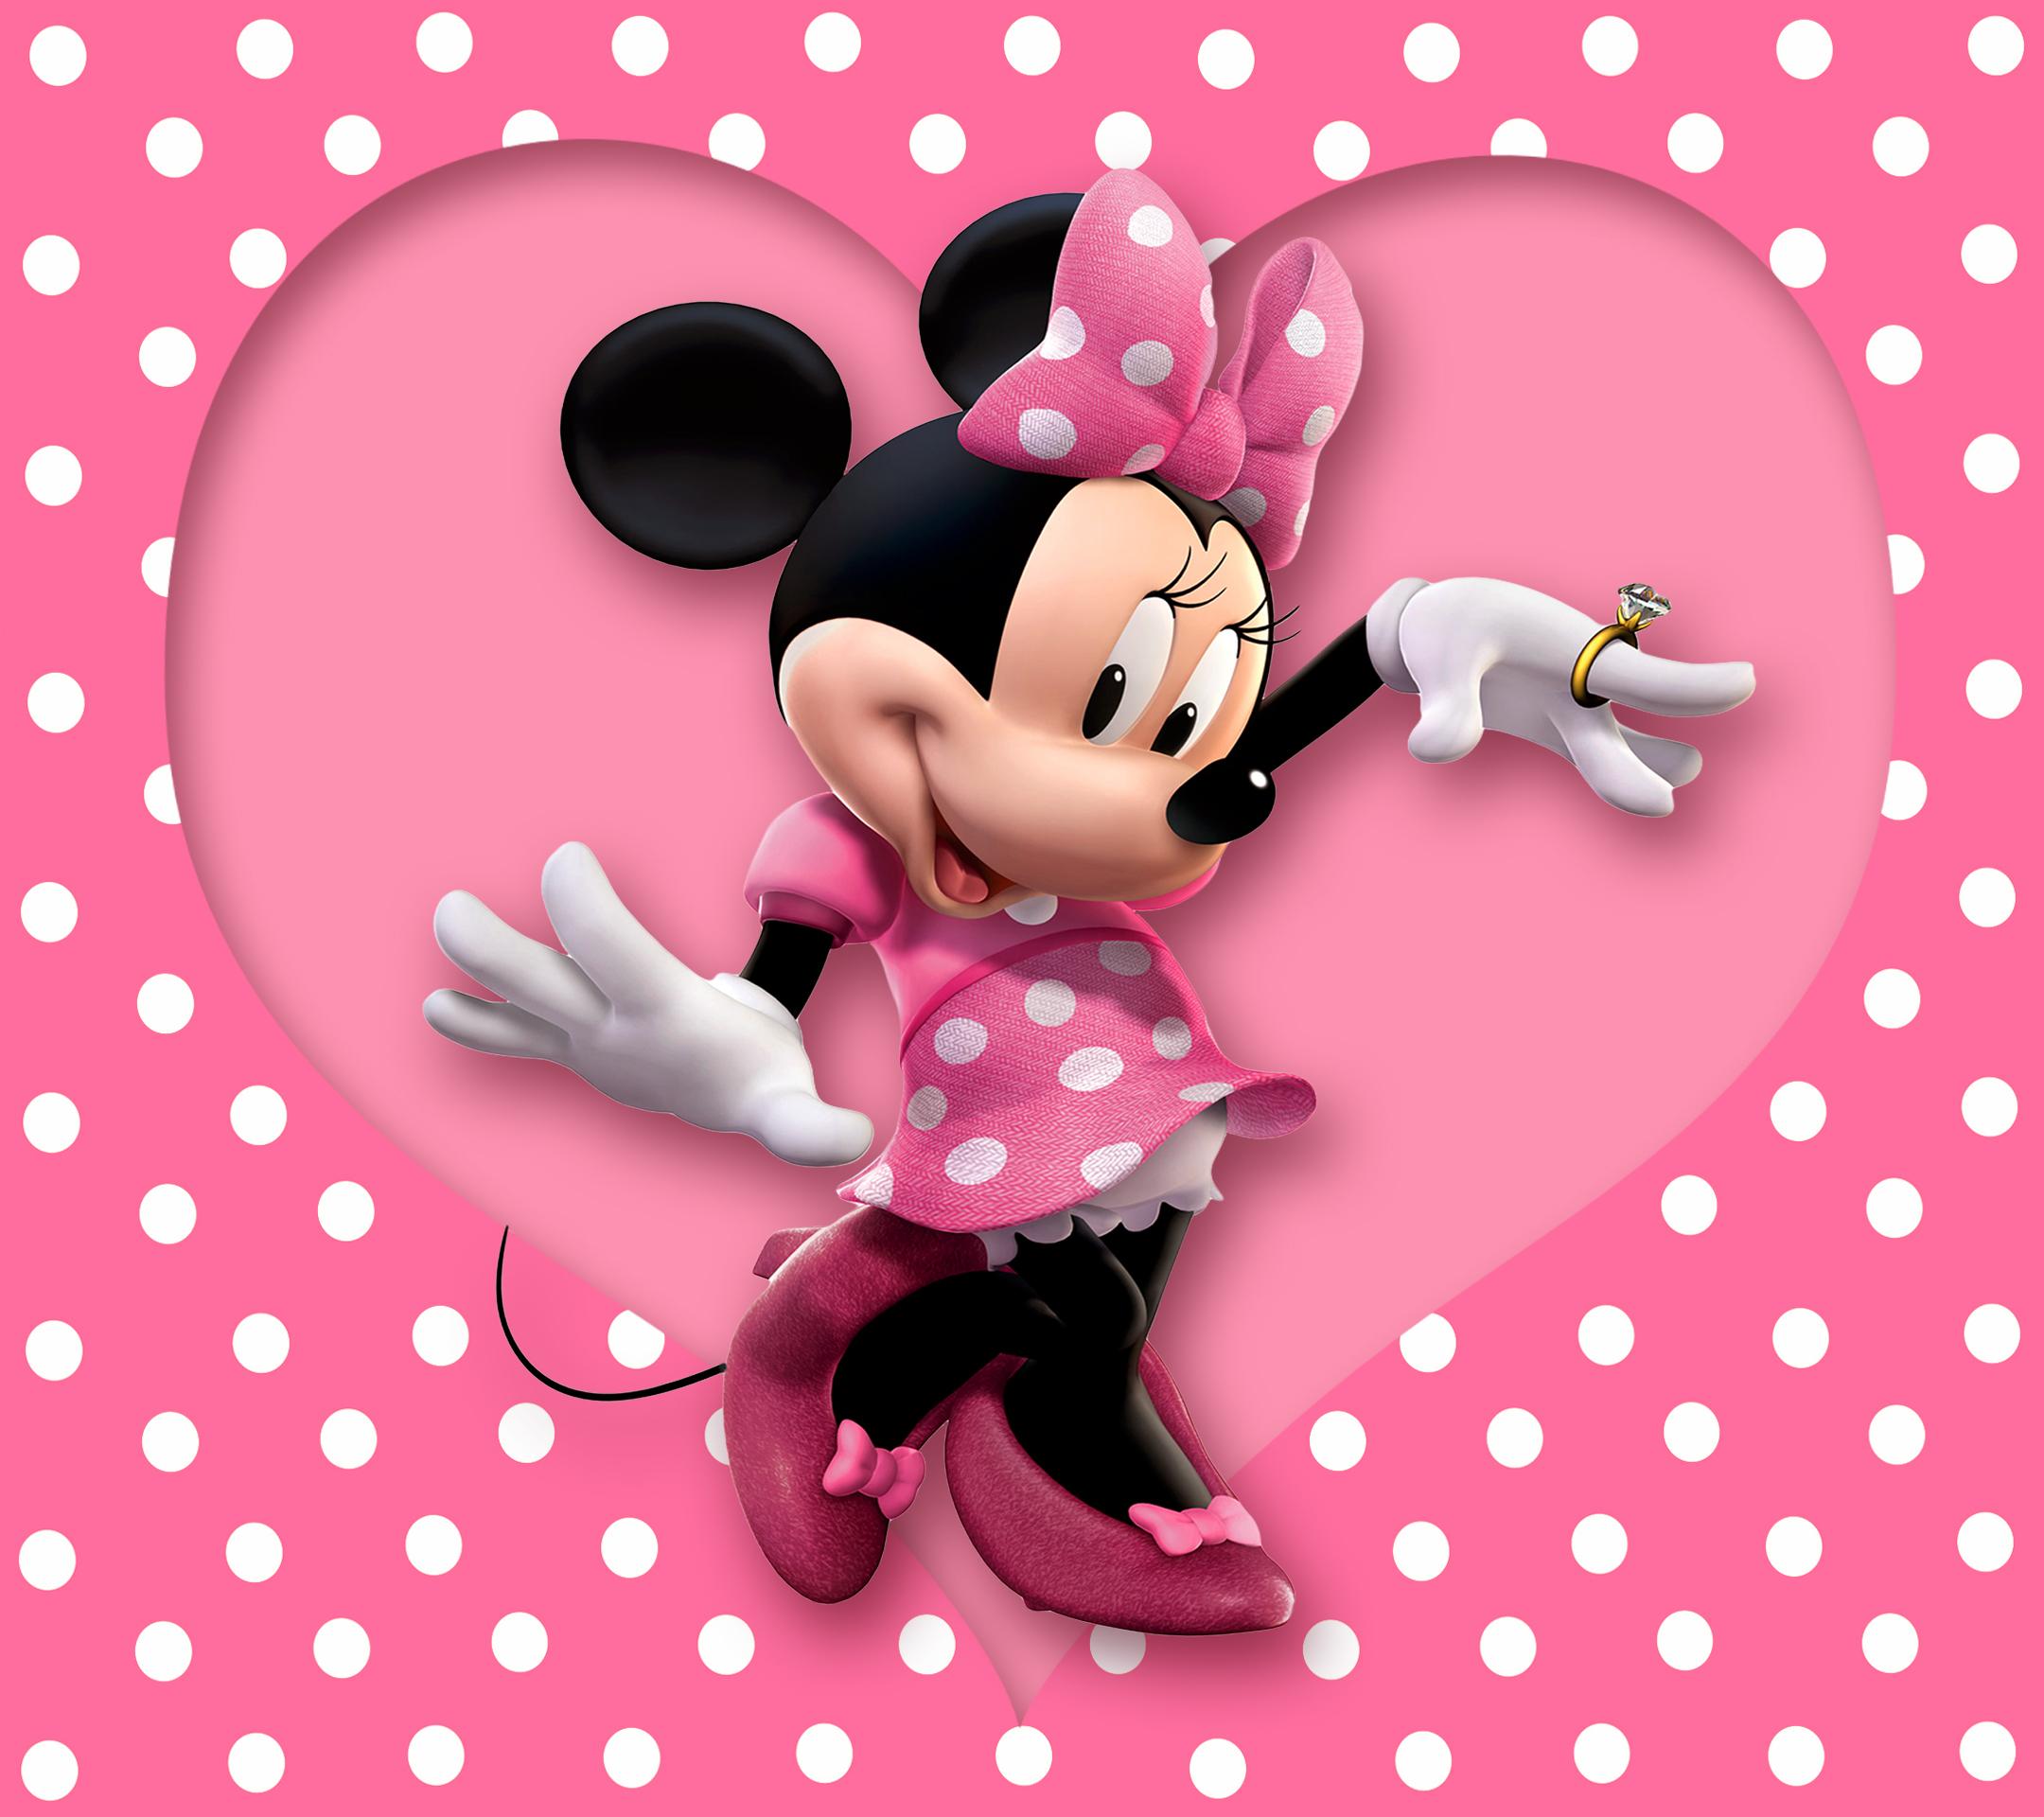 Imagenes De Minnie Mouse - QyGjxZ